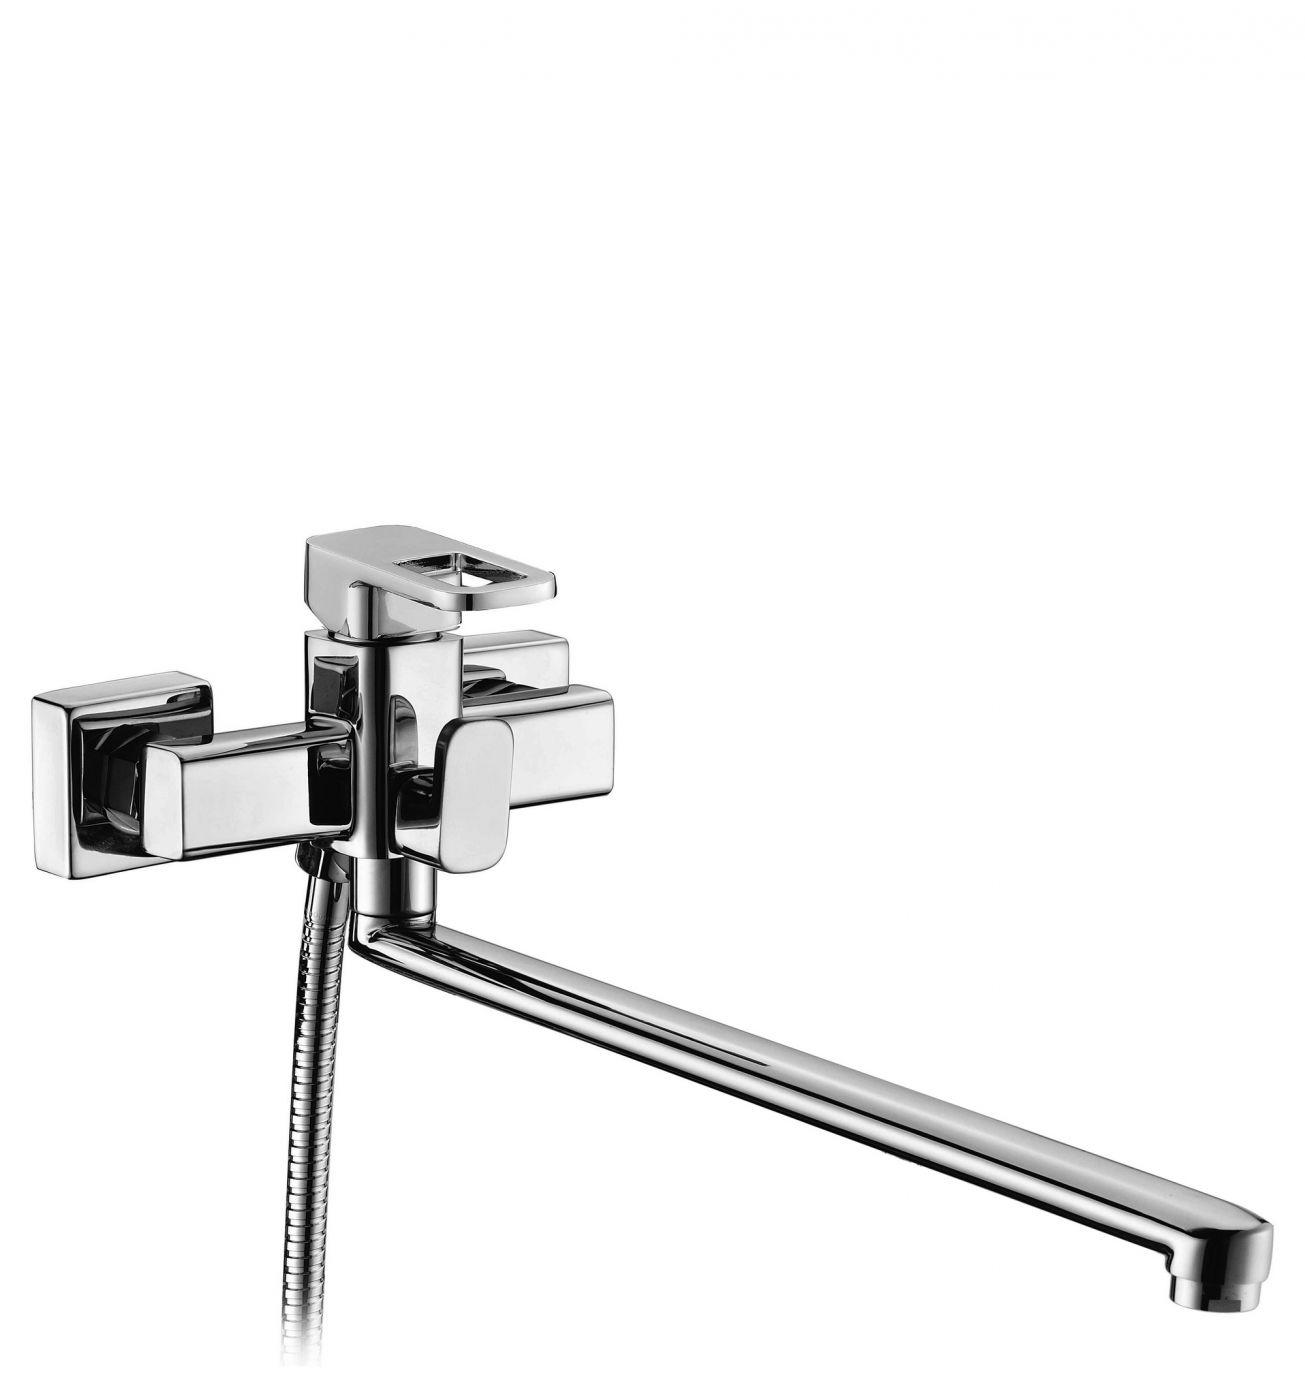 Elghansa Mondschein 5302233 Смеситель для ванны